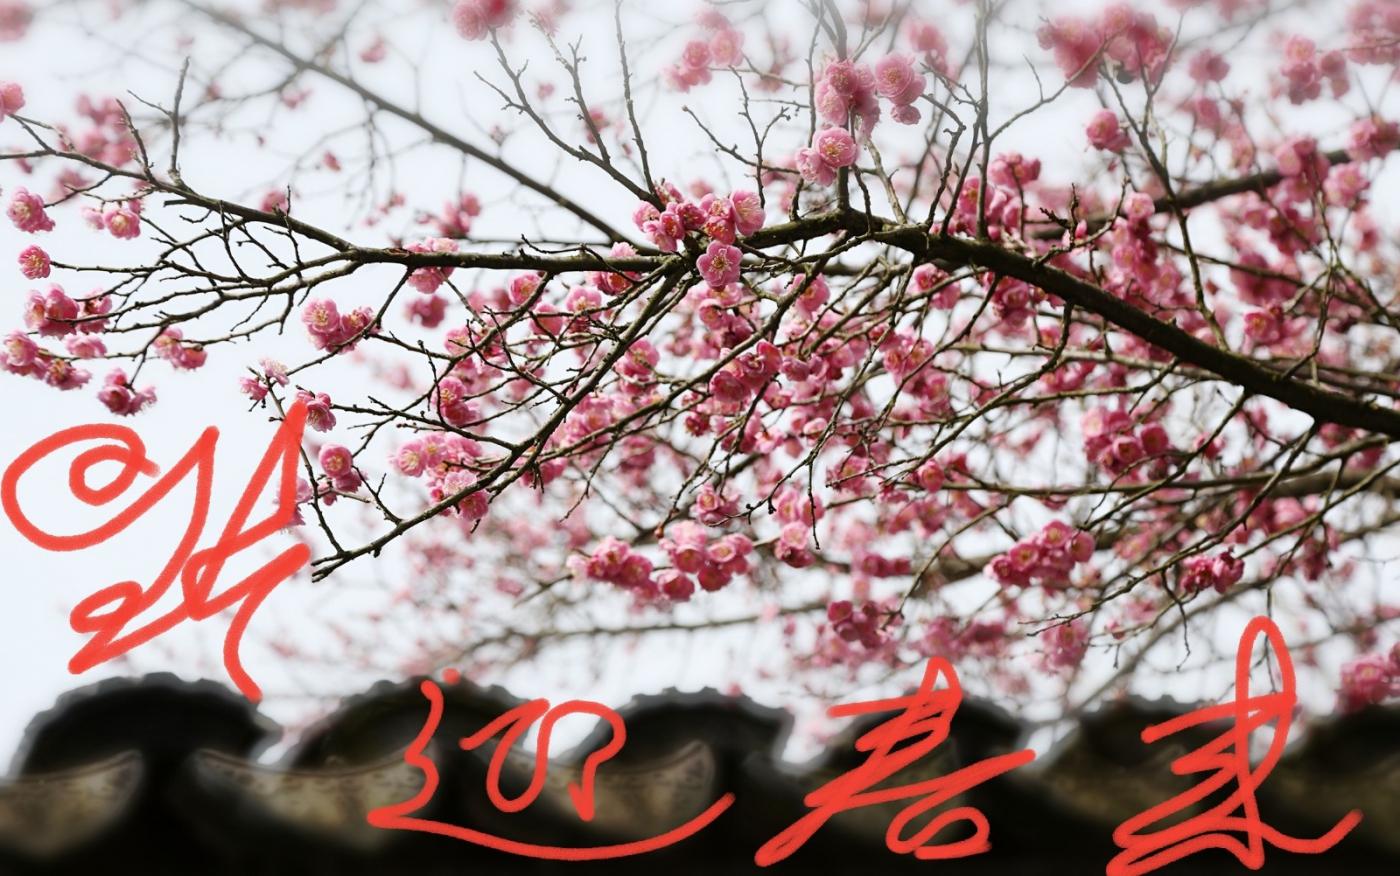 〔田螺攝影〕把祝福寫進花開里 新年好!_圖1-10